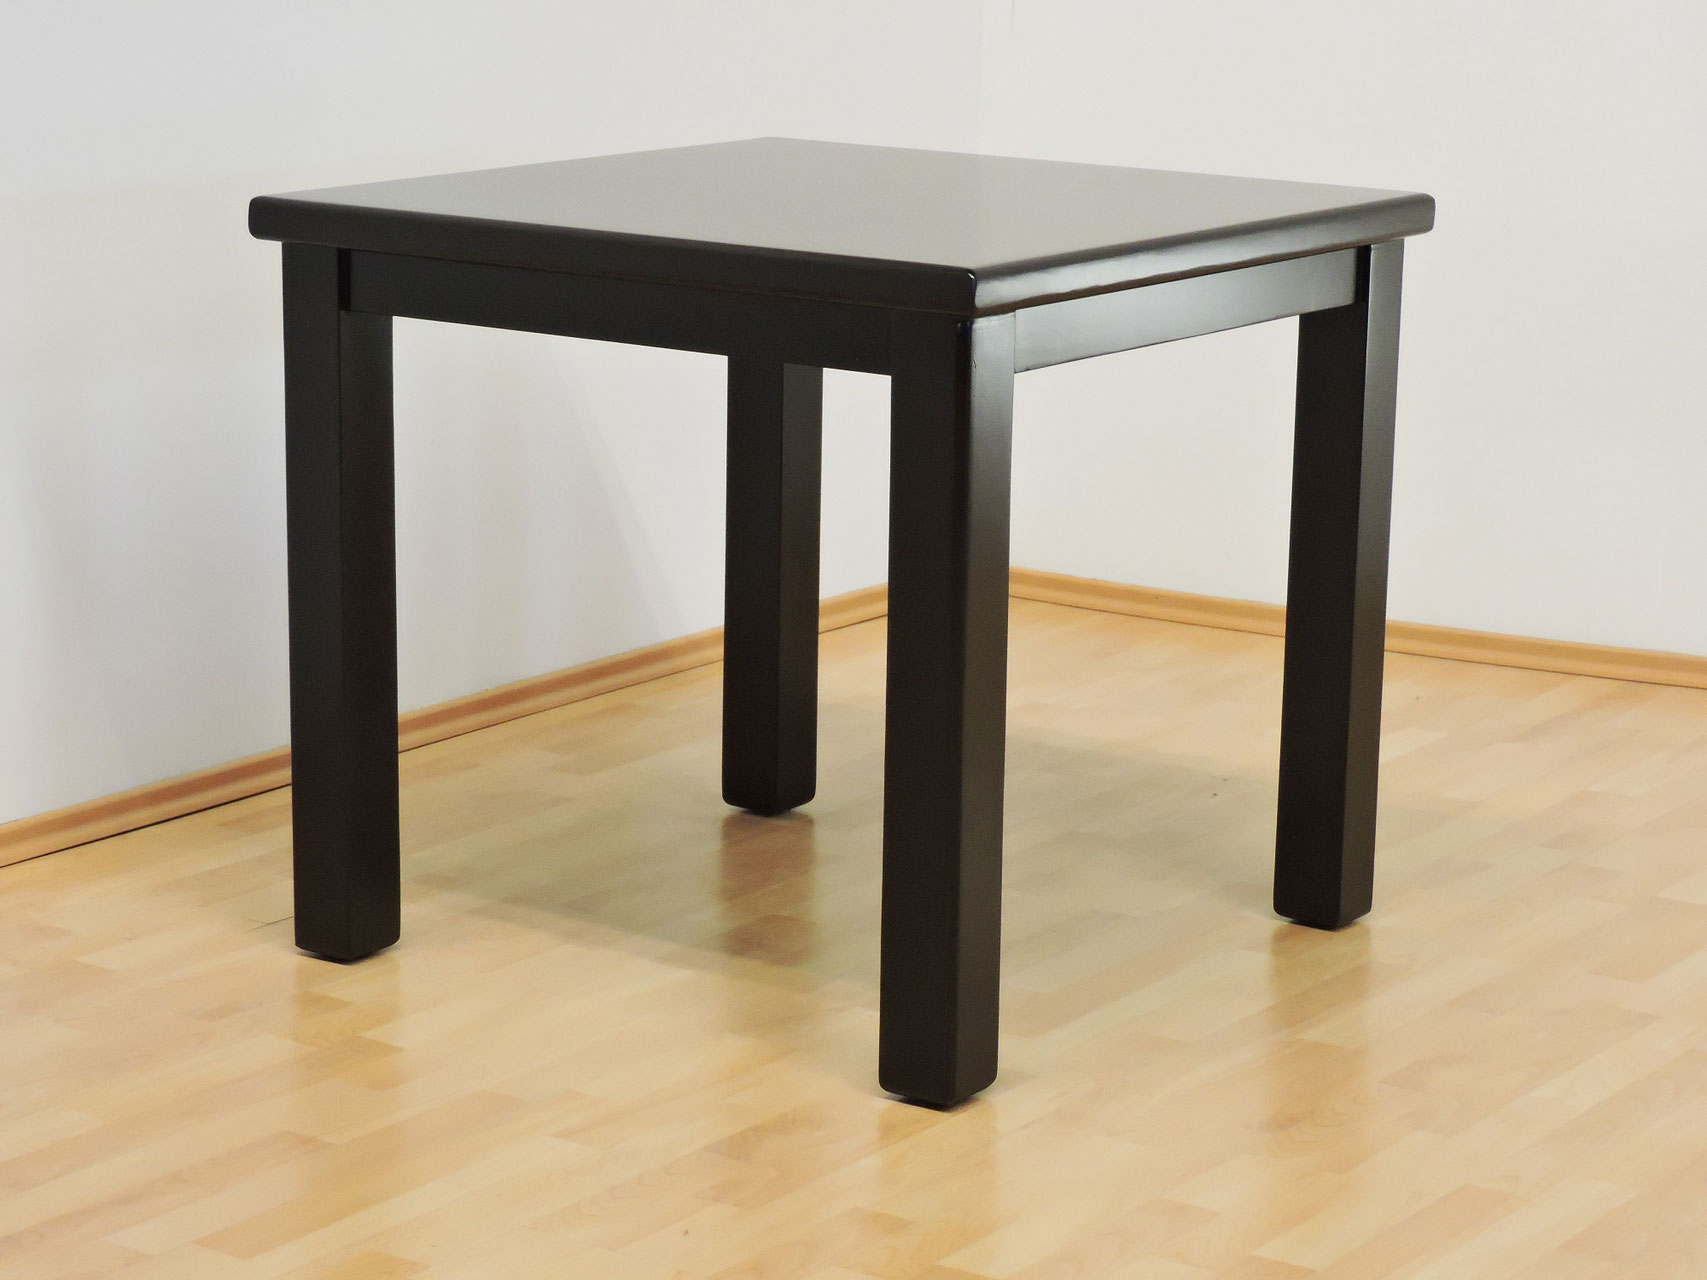 Mesas para antecomedor muebles gm muebles de madera for Mesas de madera precios